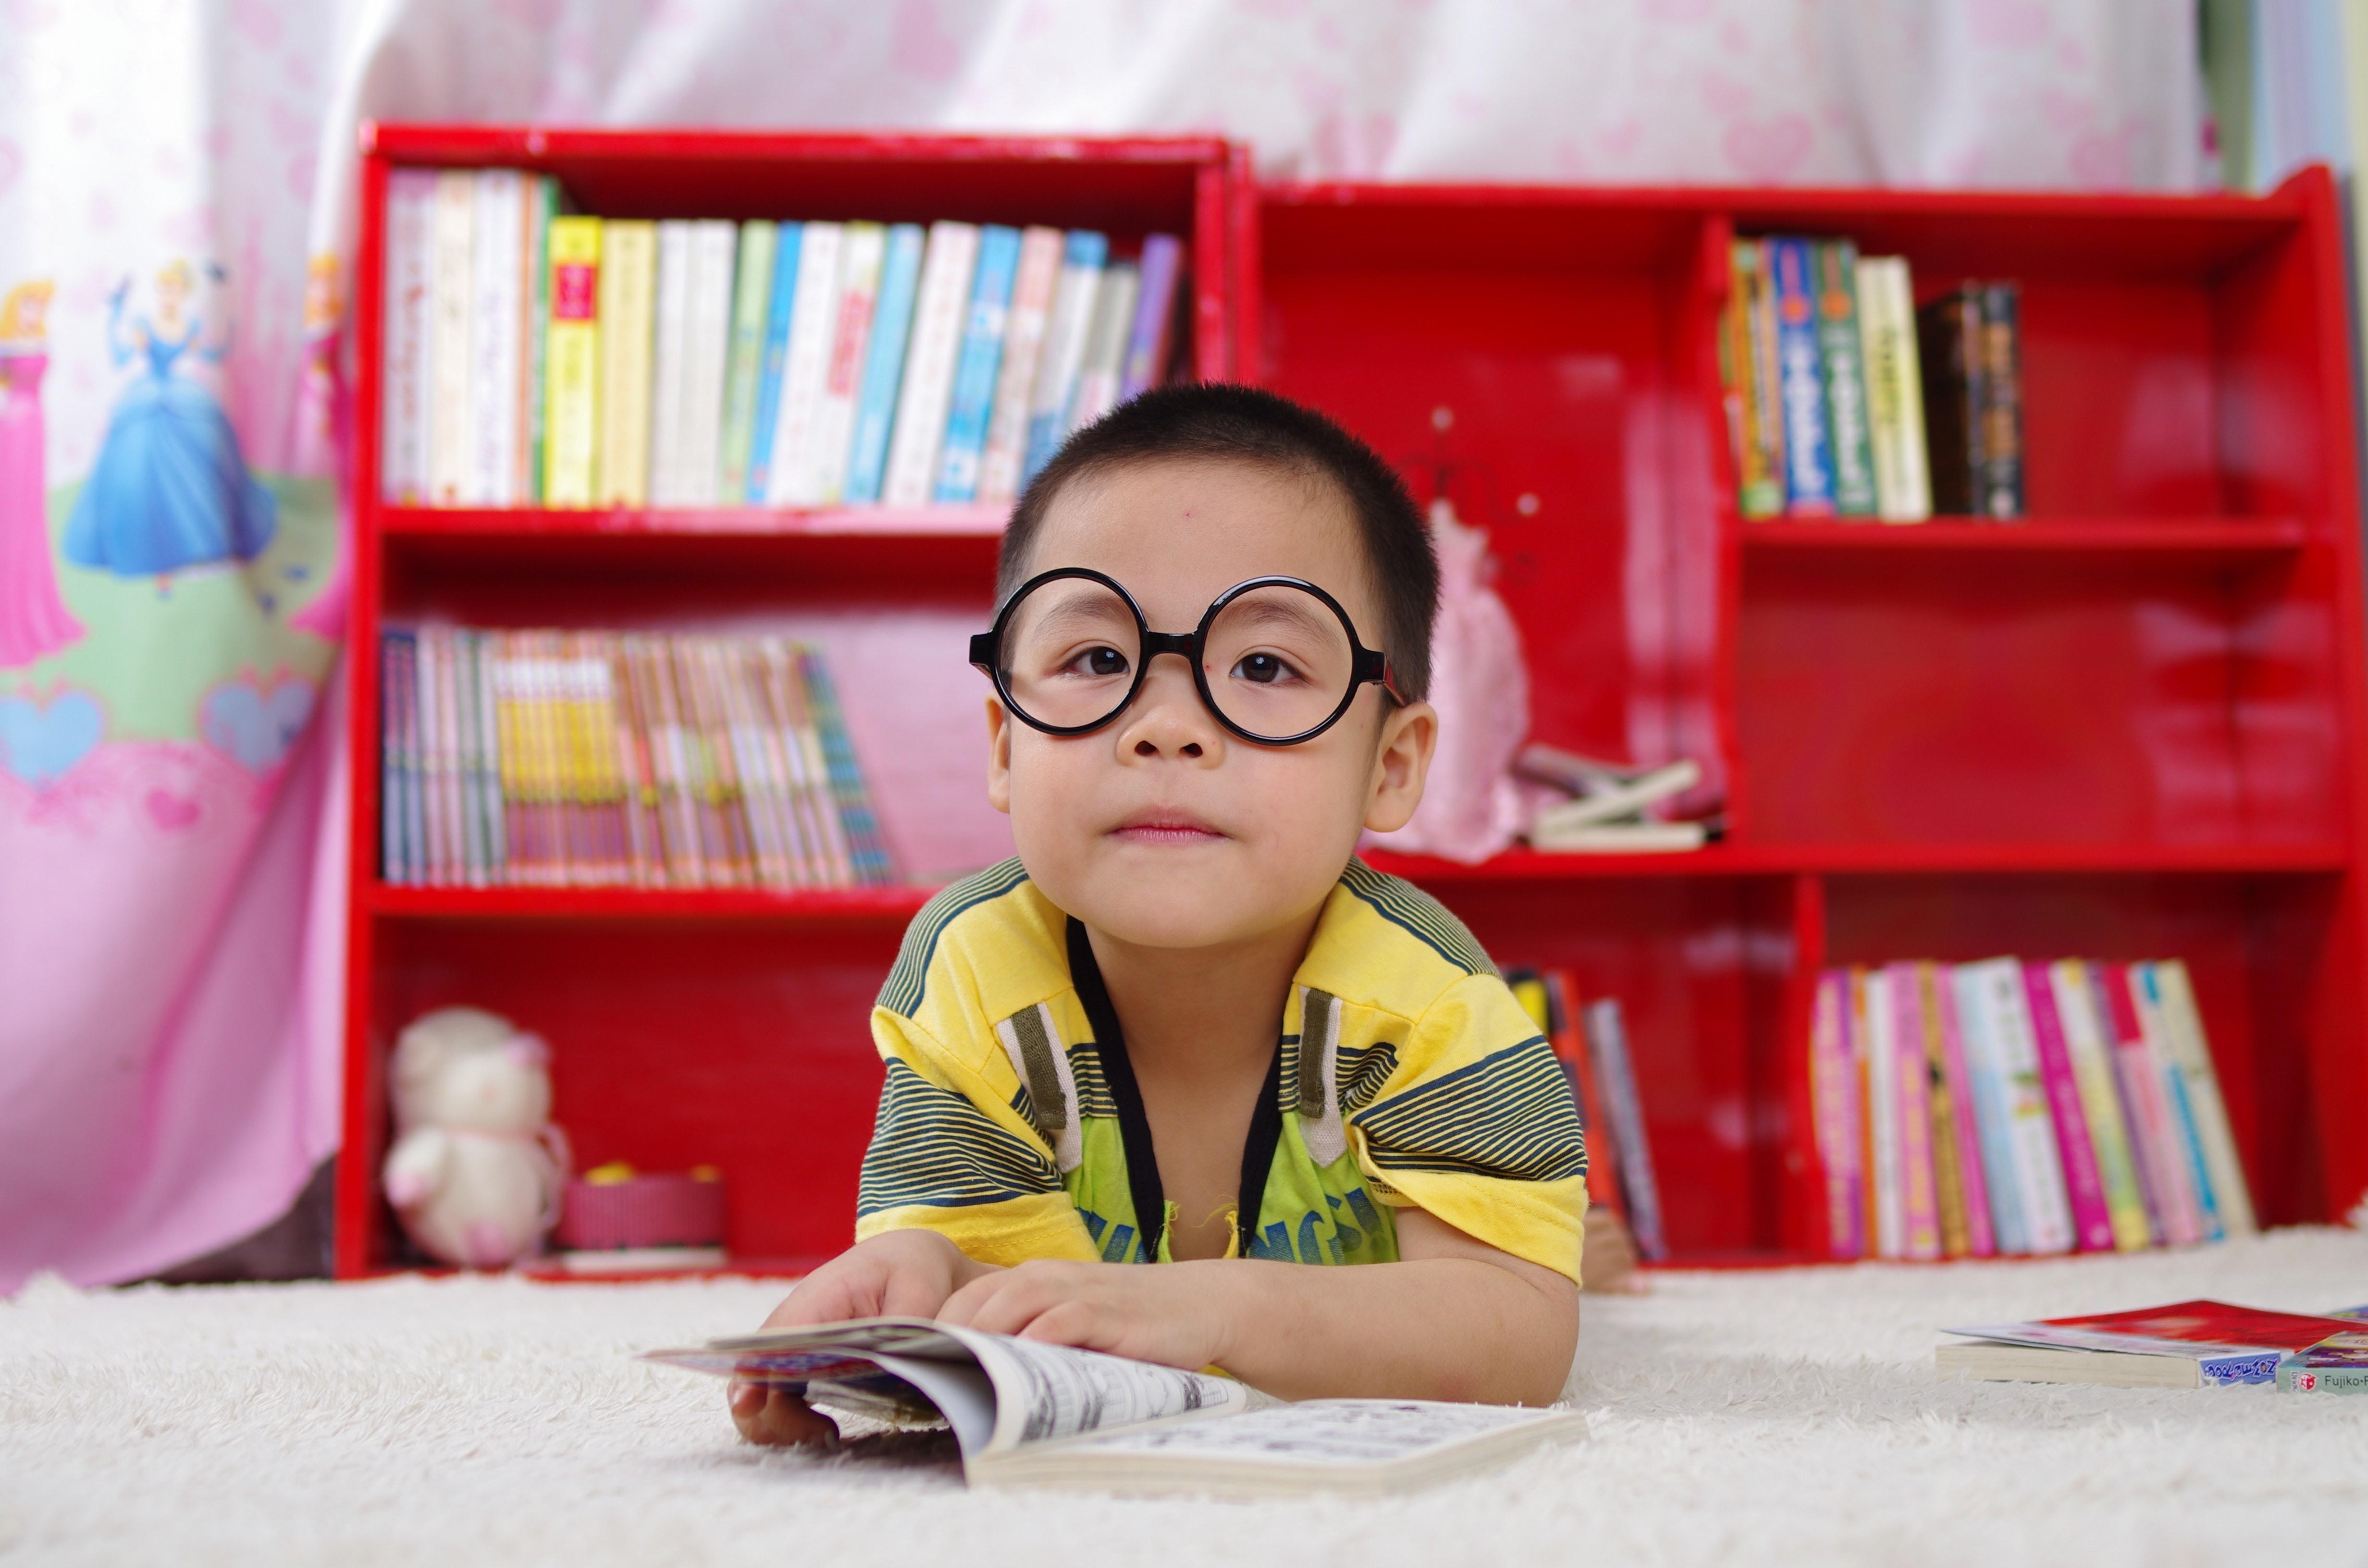 88d13e301 Lição de casa: descubra como o seu filho encara a tarefa e maneiras de  ajudá-lo - CRESCER | Crianças